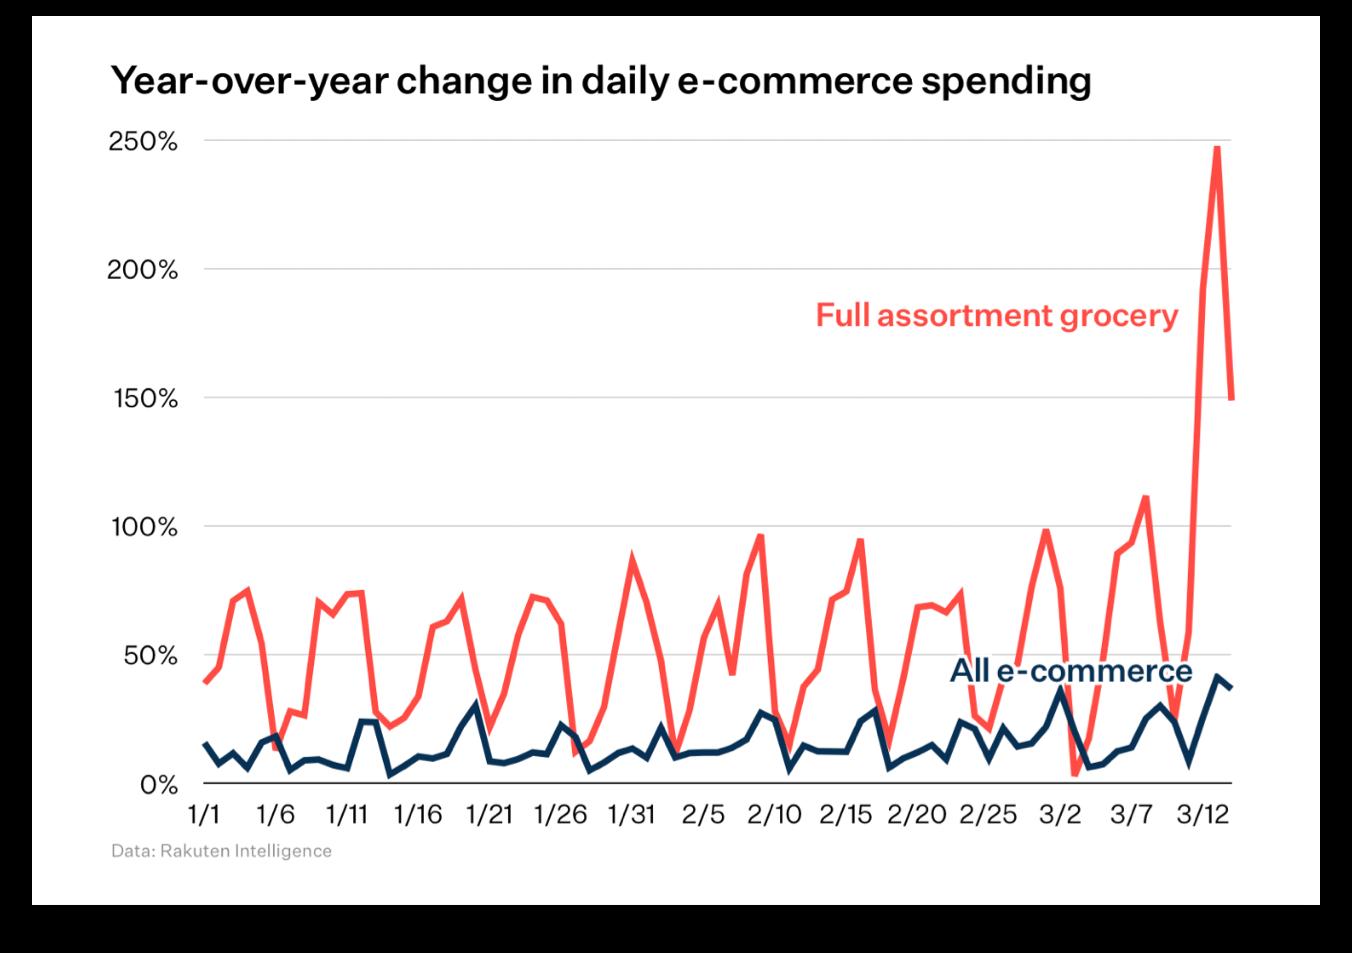 zmiany-w-wydatkach-na-e-commerce